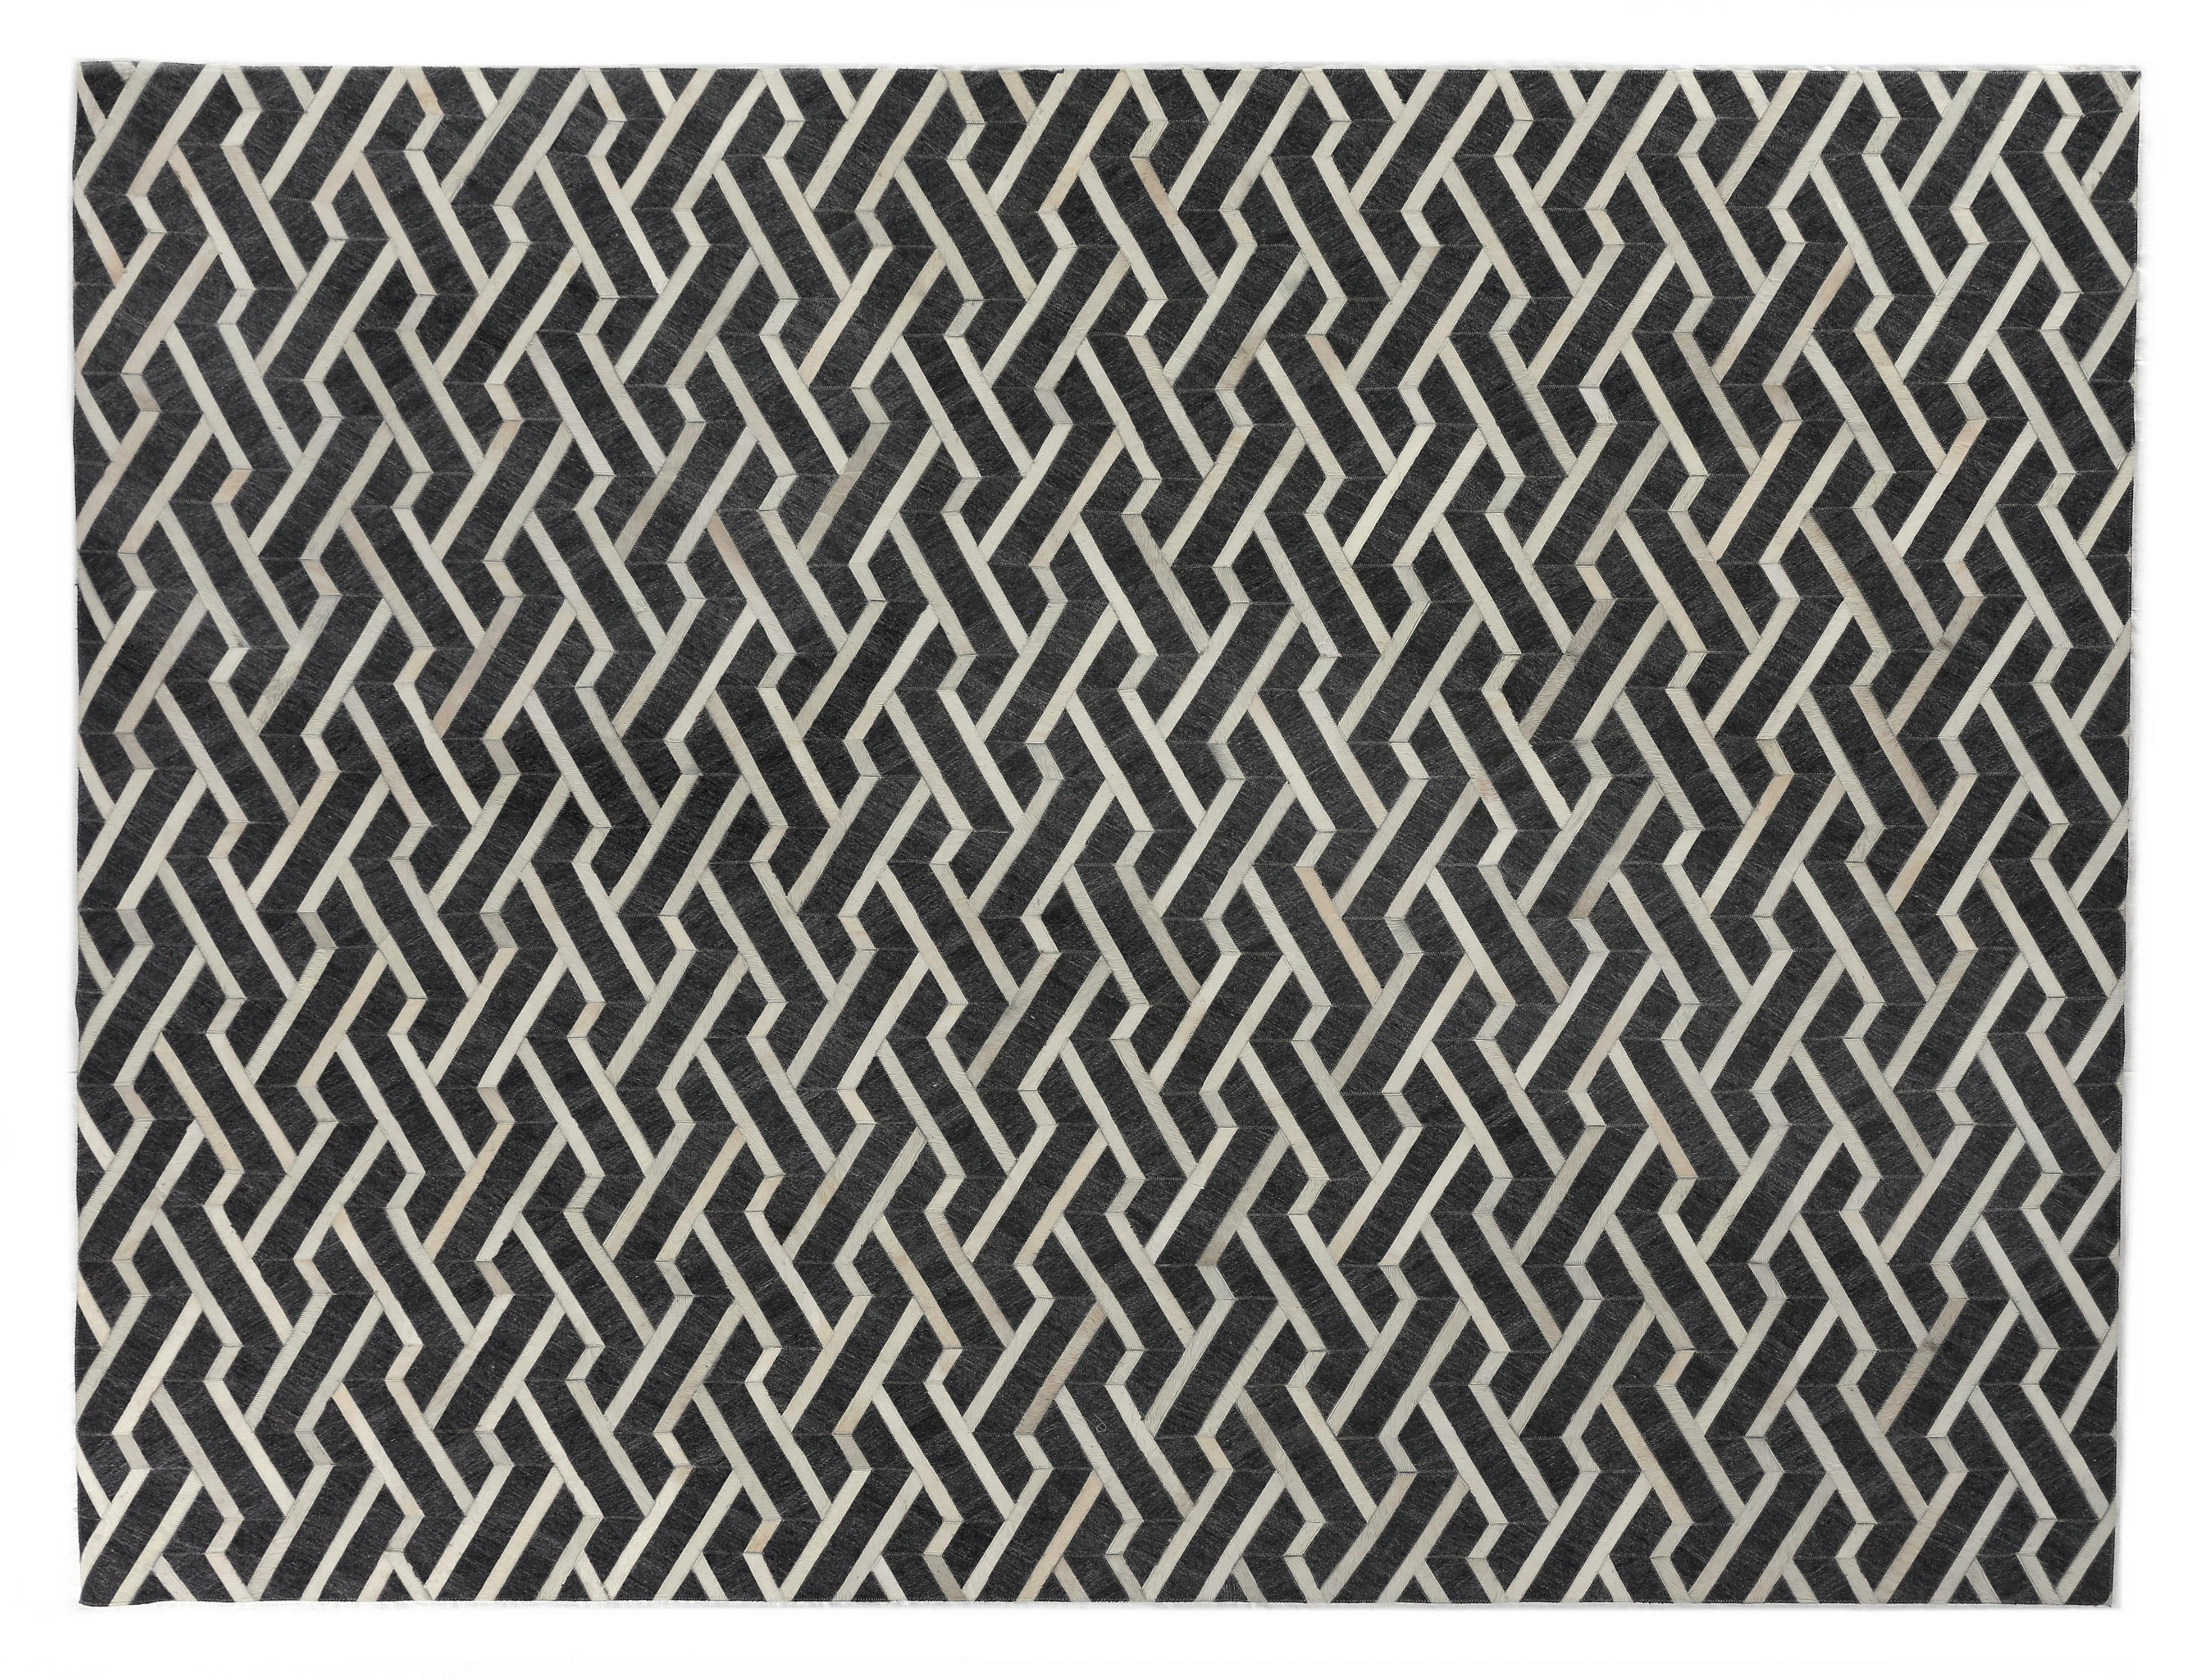 Exquisite Rugs Berlin Charcoal Ivory Area Rug Wayfair